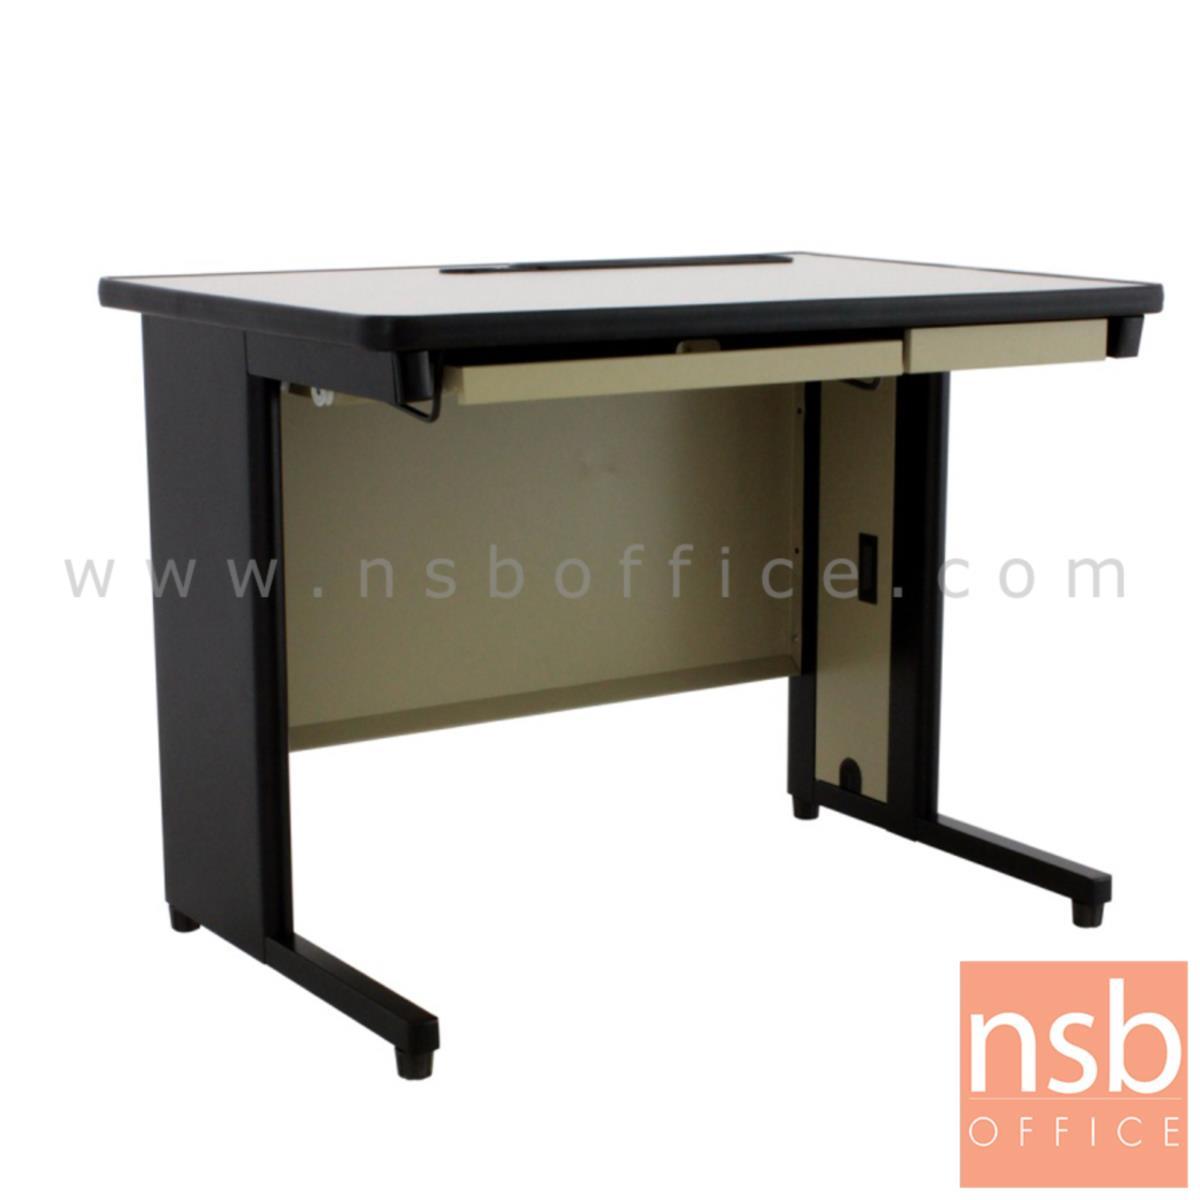 E28A139:โต๊ะคอมพิวเตอร์ รุ่น TEN-70120 ขนาด 120W*70D cm. โครงเหล็ก พับขึ้นรูป